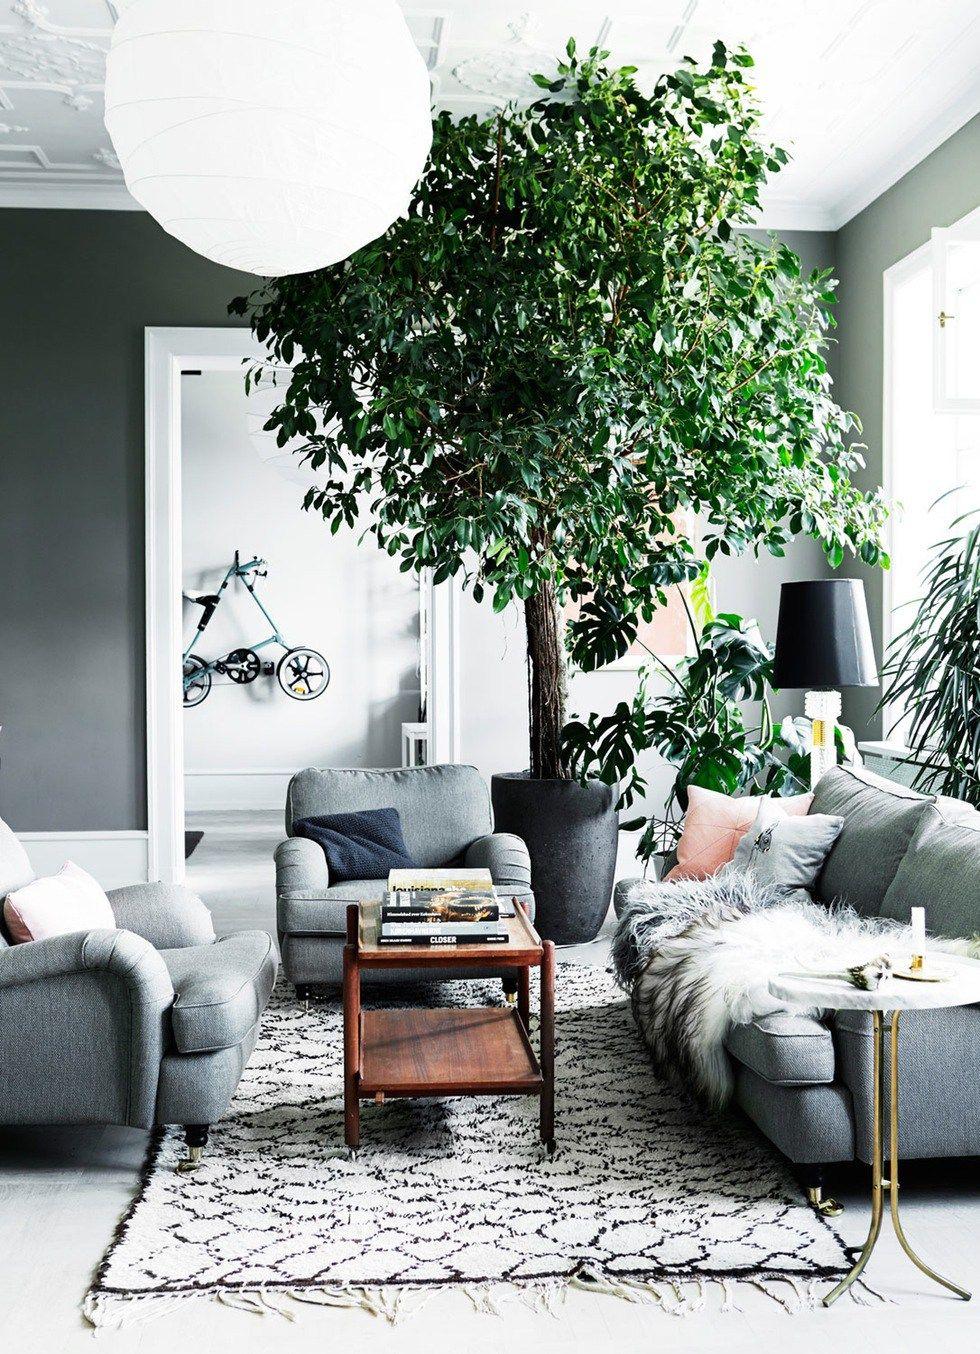 handgefertigte m bel in portugal e buch dekotipps pinterest wohnzimmer wohnen und haus. Black Bedroom Furniture Sets. Home Design Ideas